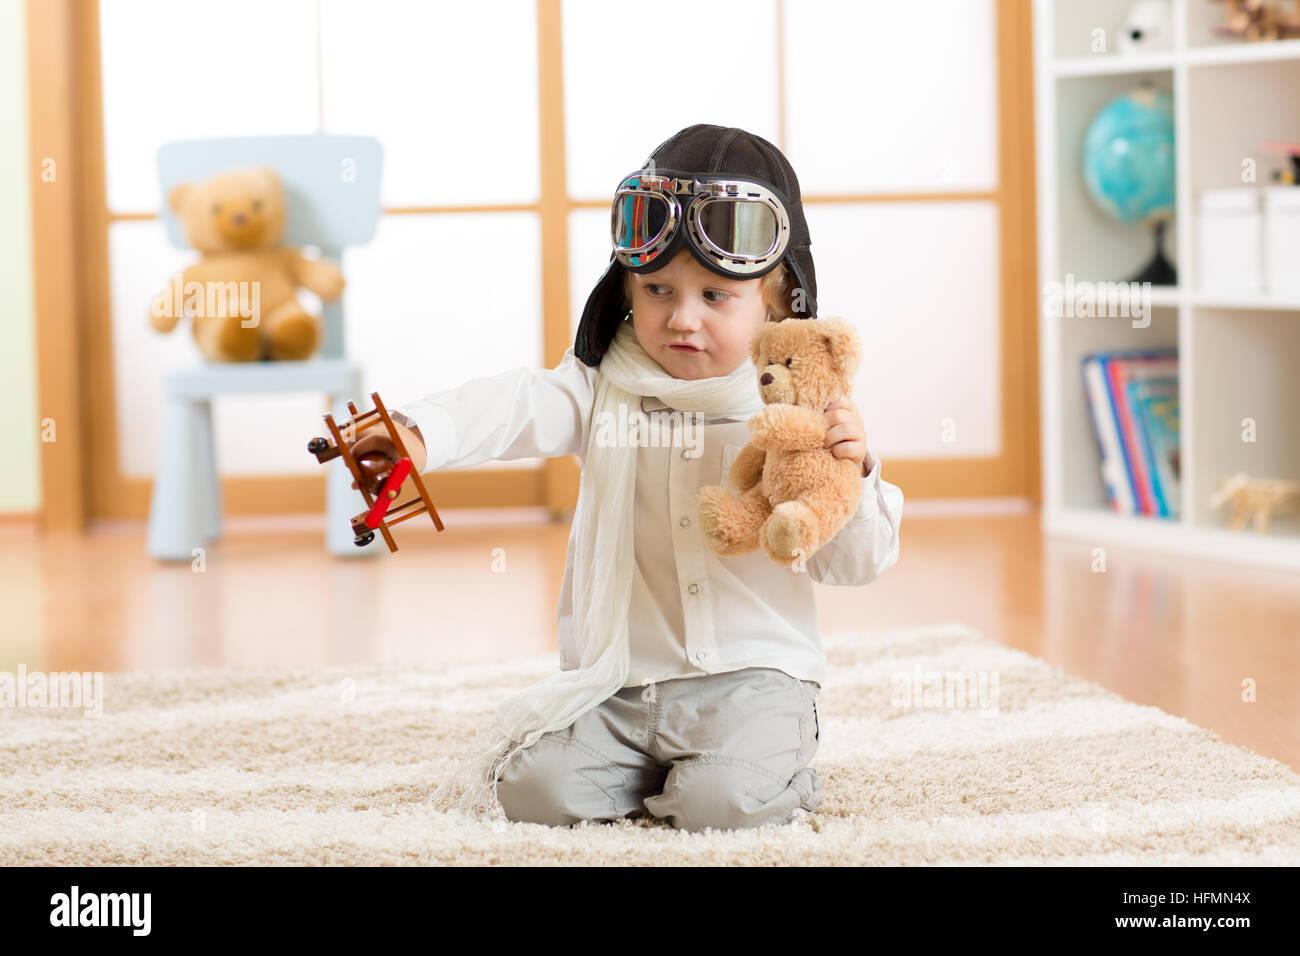 Happy kid garçon joue avec toy airplane à la maison dans sa chambre Photo Stock